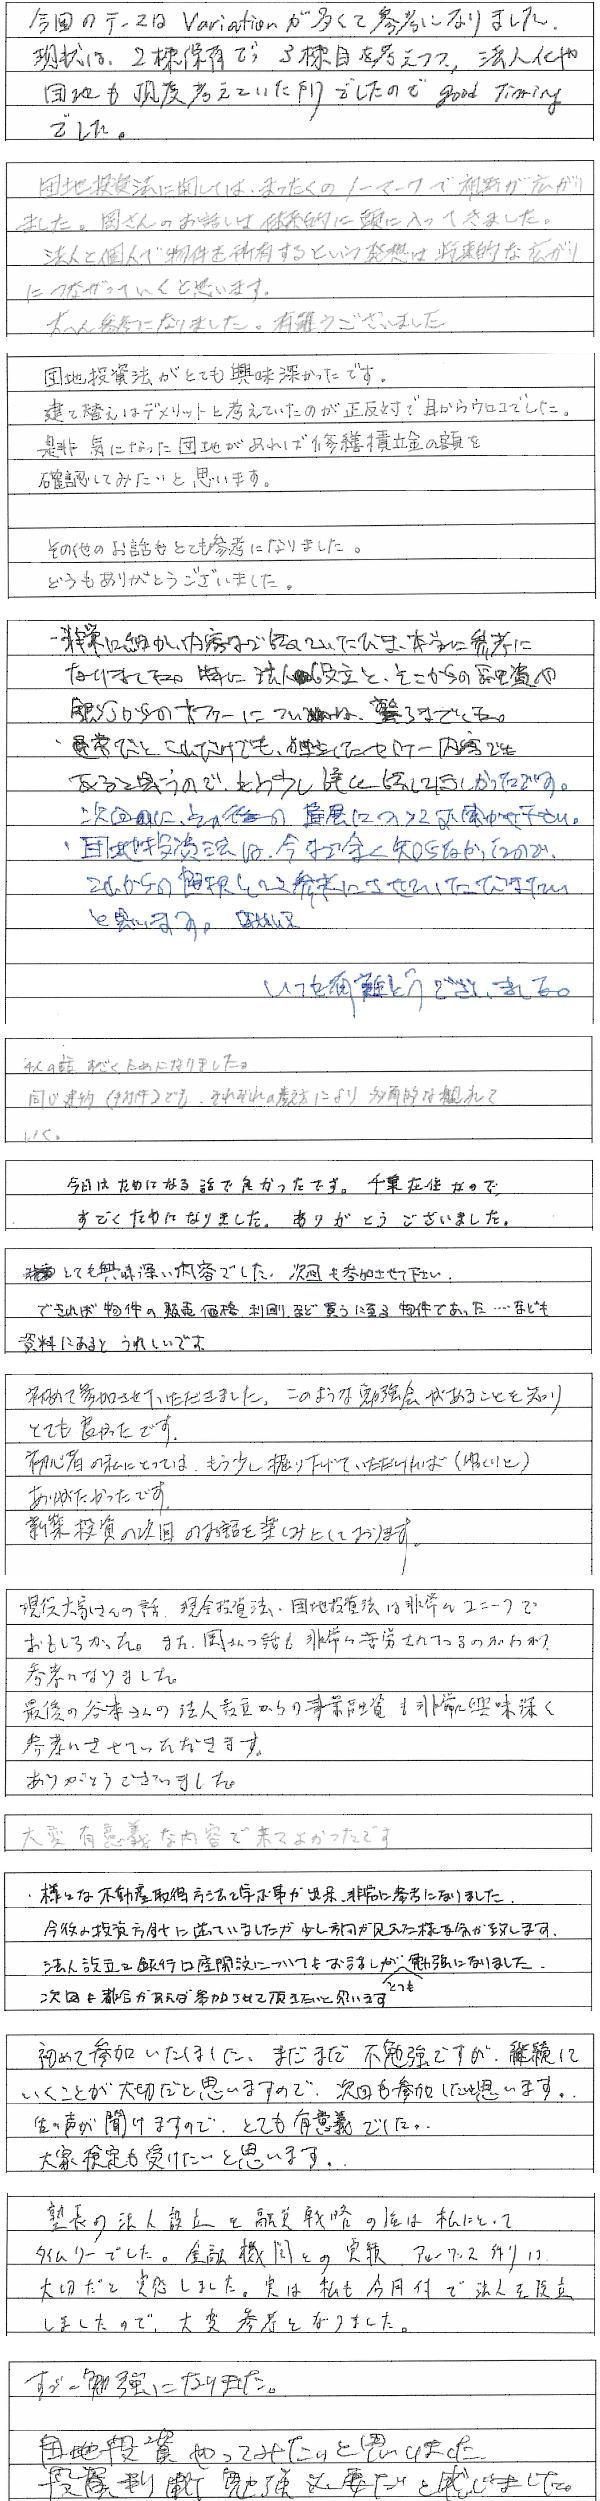 kanso_2013_09_14_1.jpg